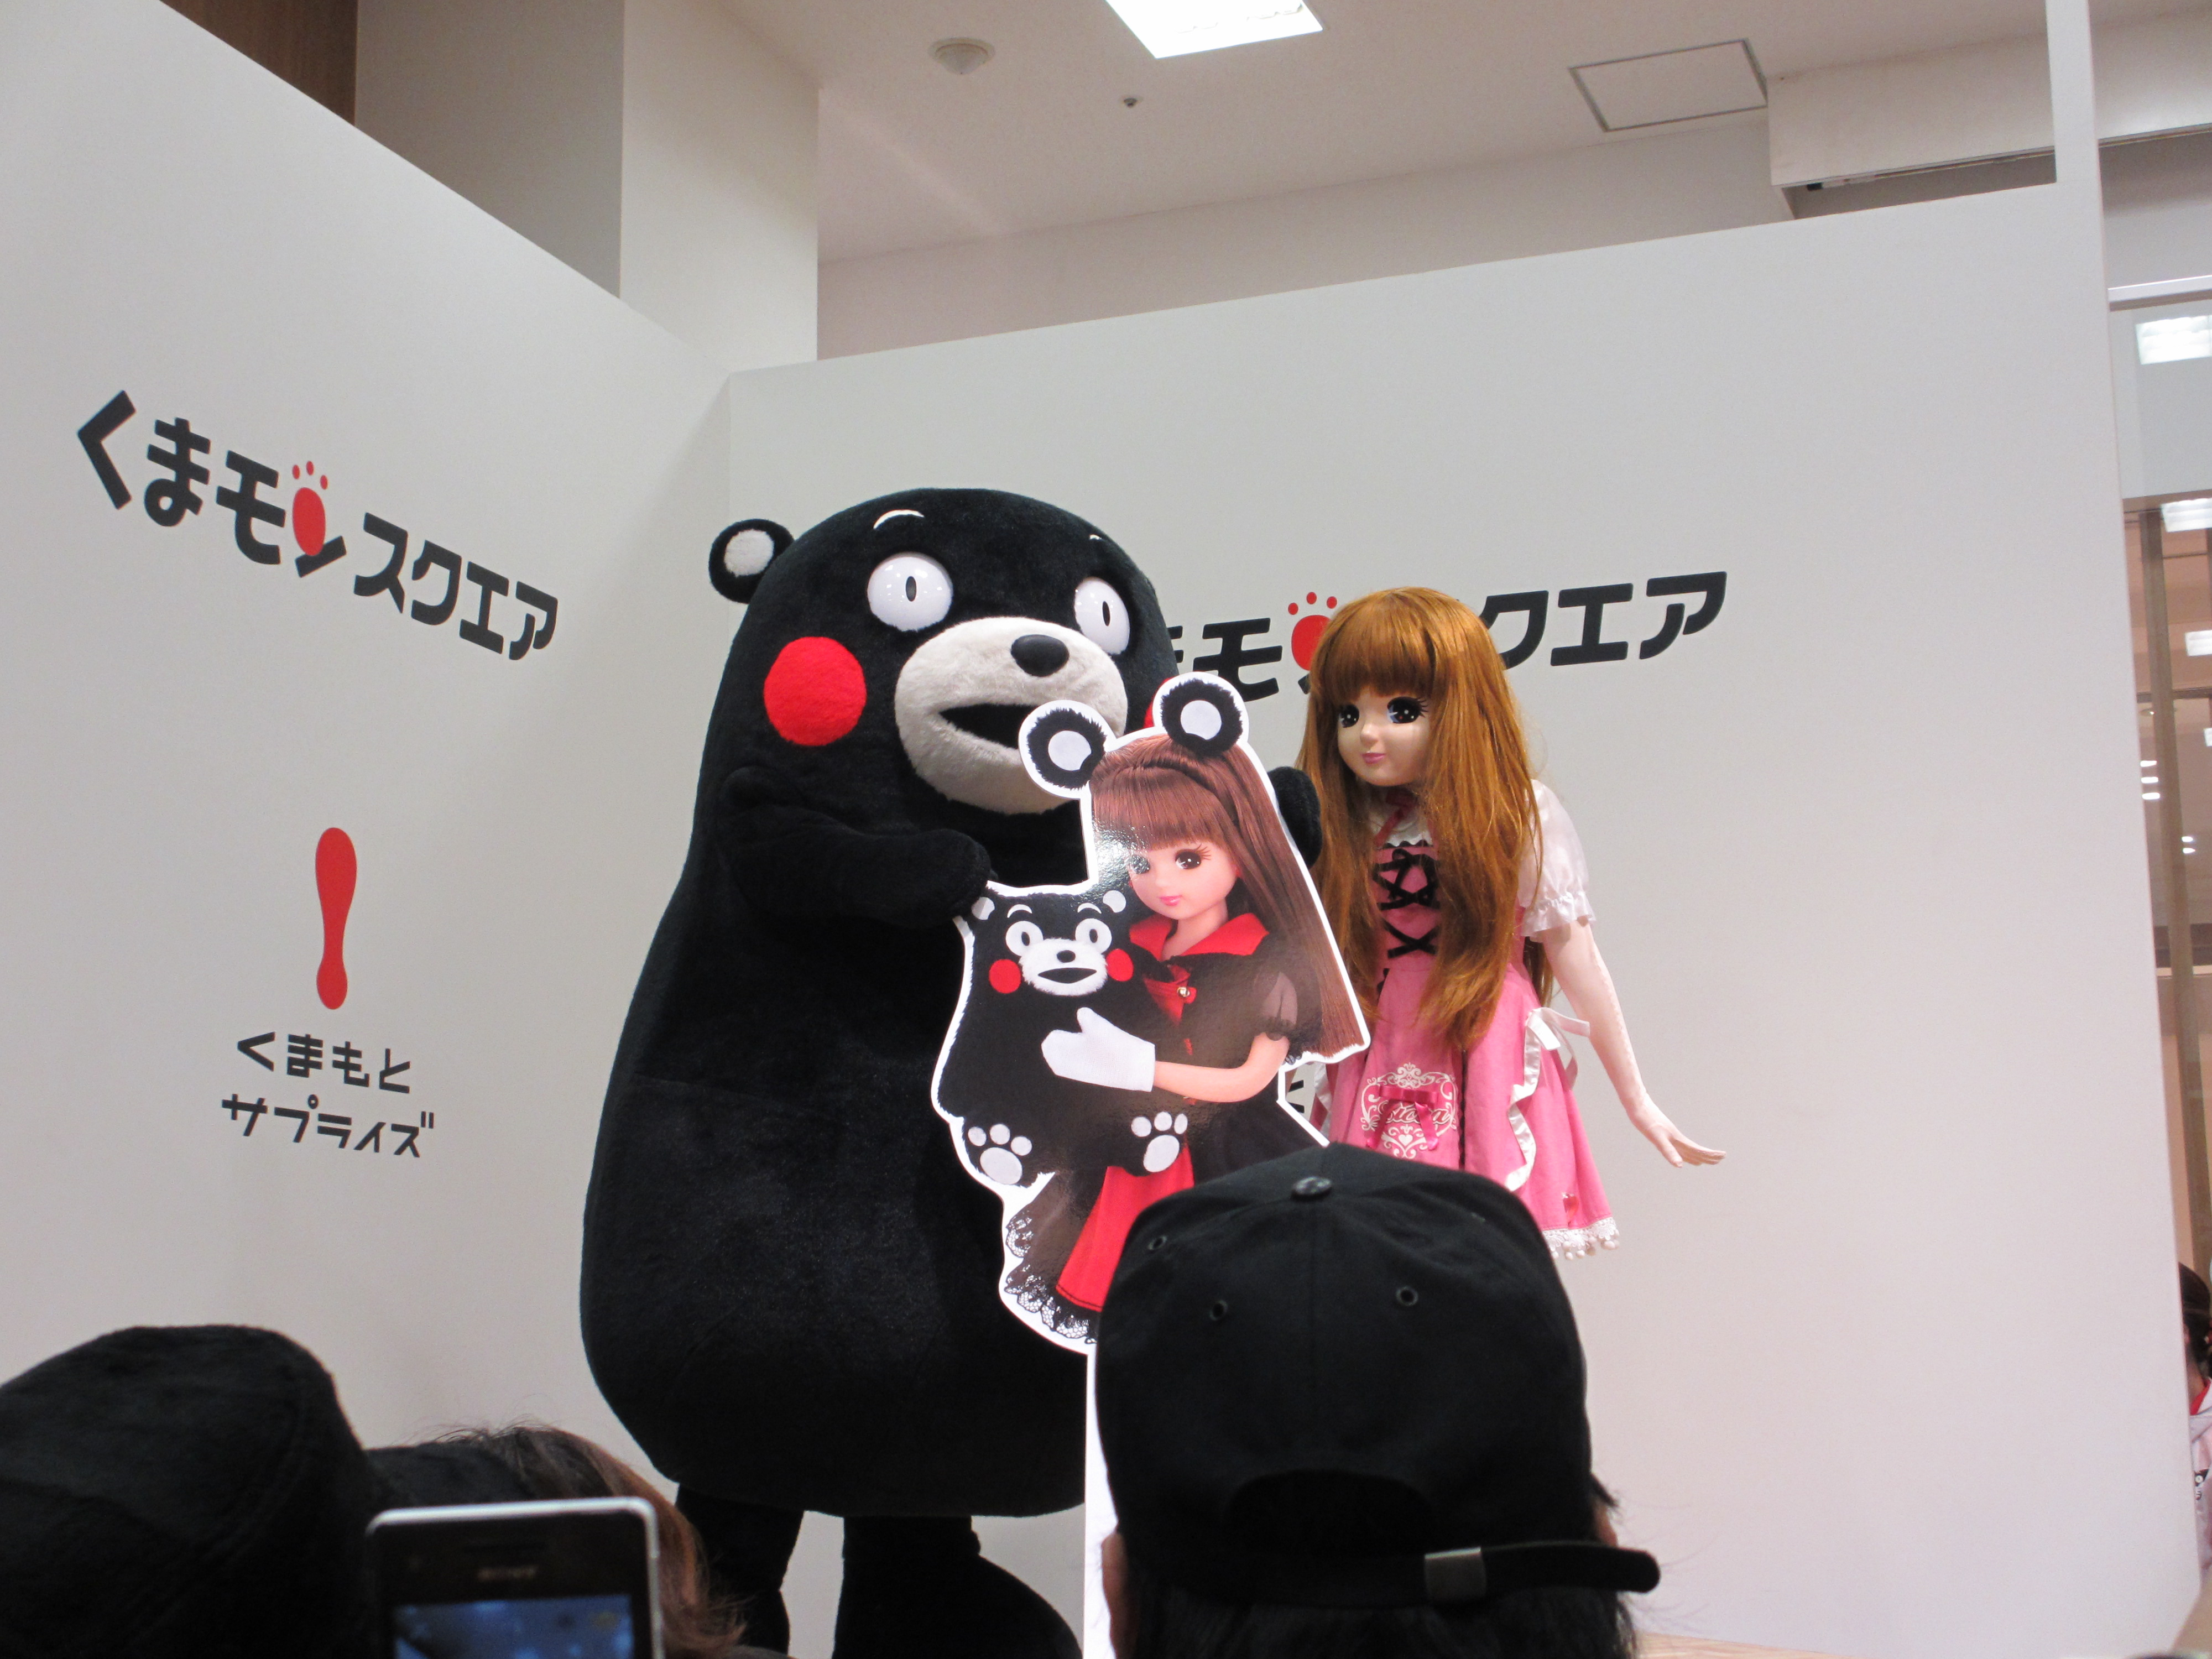 くまモンとリカちゃん リカちゃん人形をアピール